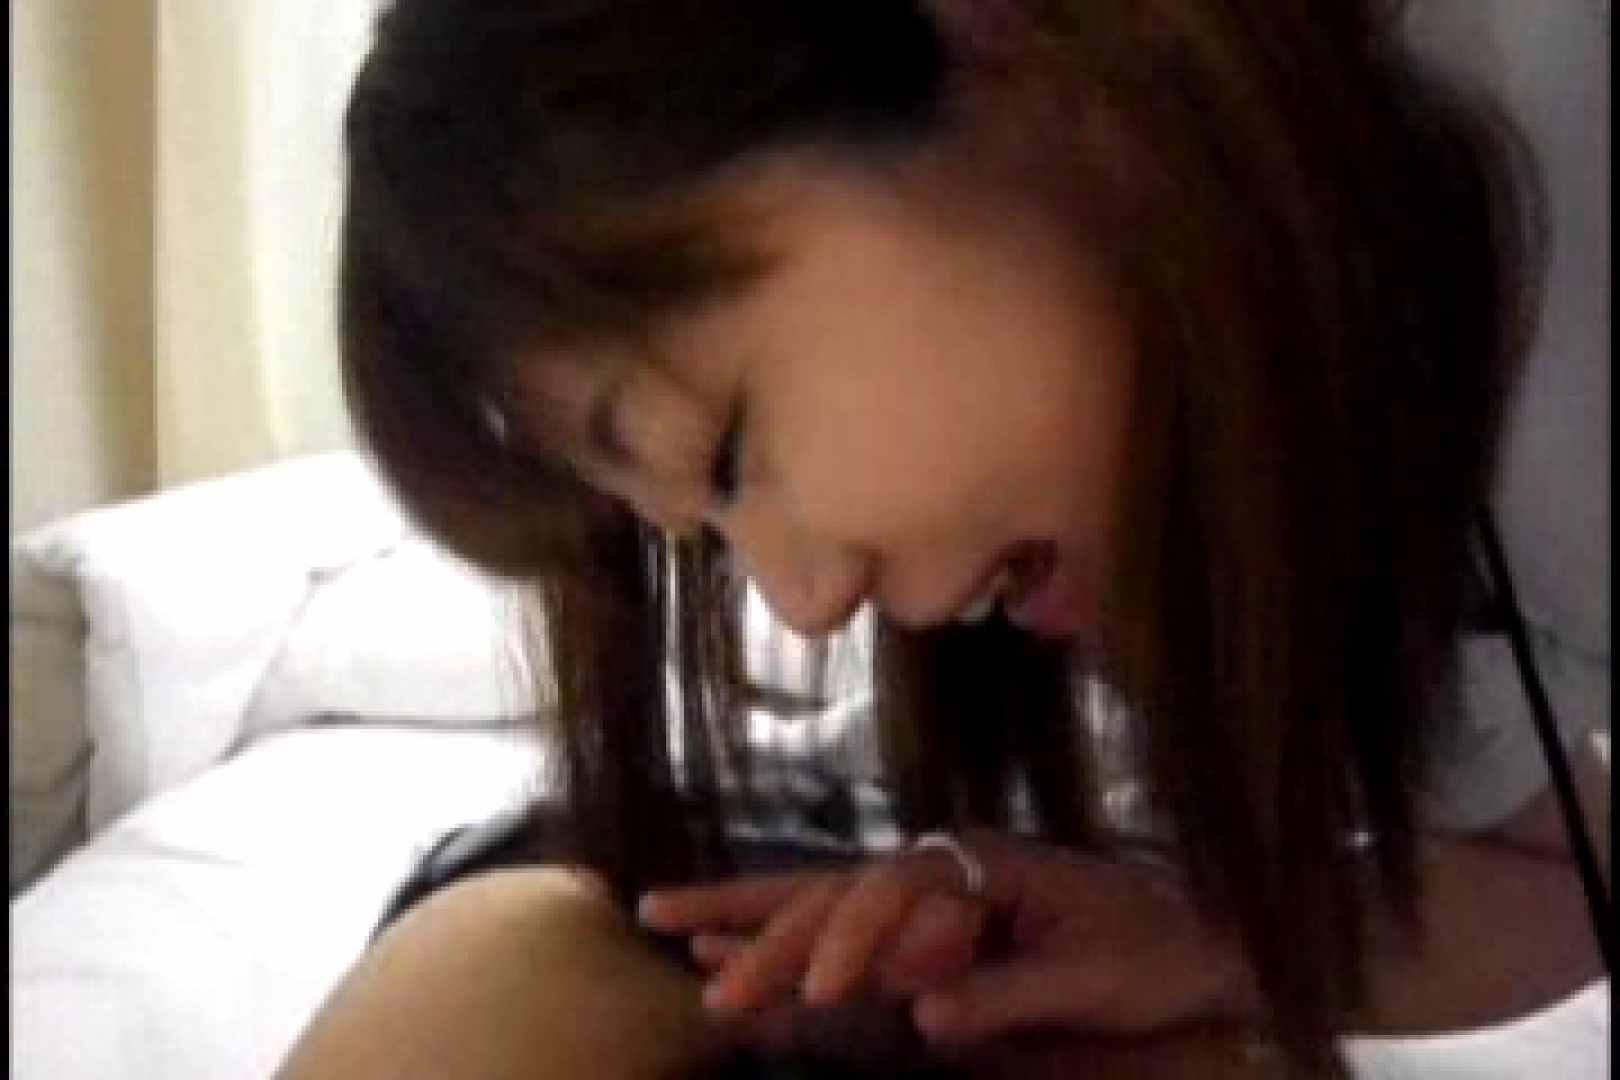 ヤリマンと呼ばれた看護士さんvol1 OL裸体 | シックスナイン  61画像 54